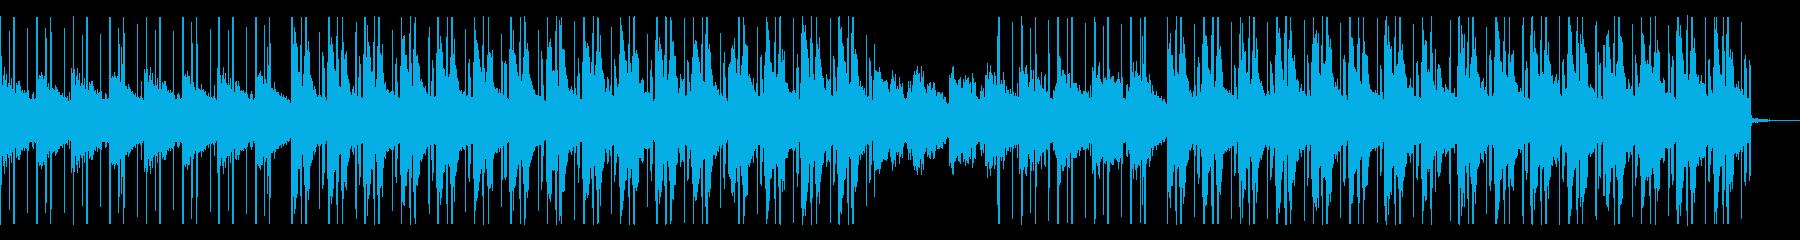 メロウでグルーヴィーなチルヒップホップの再生済みの波形